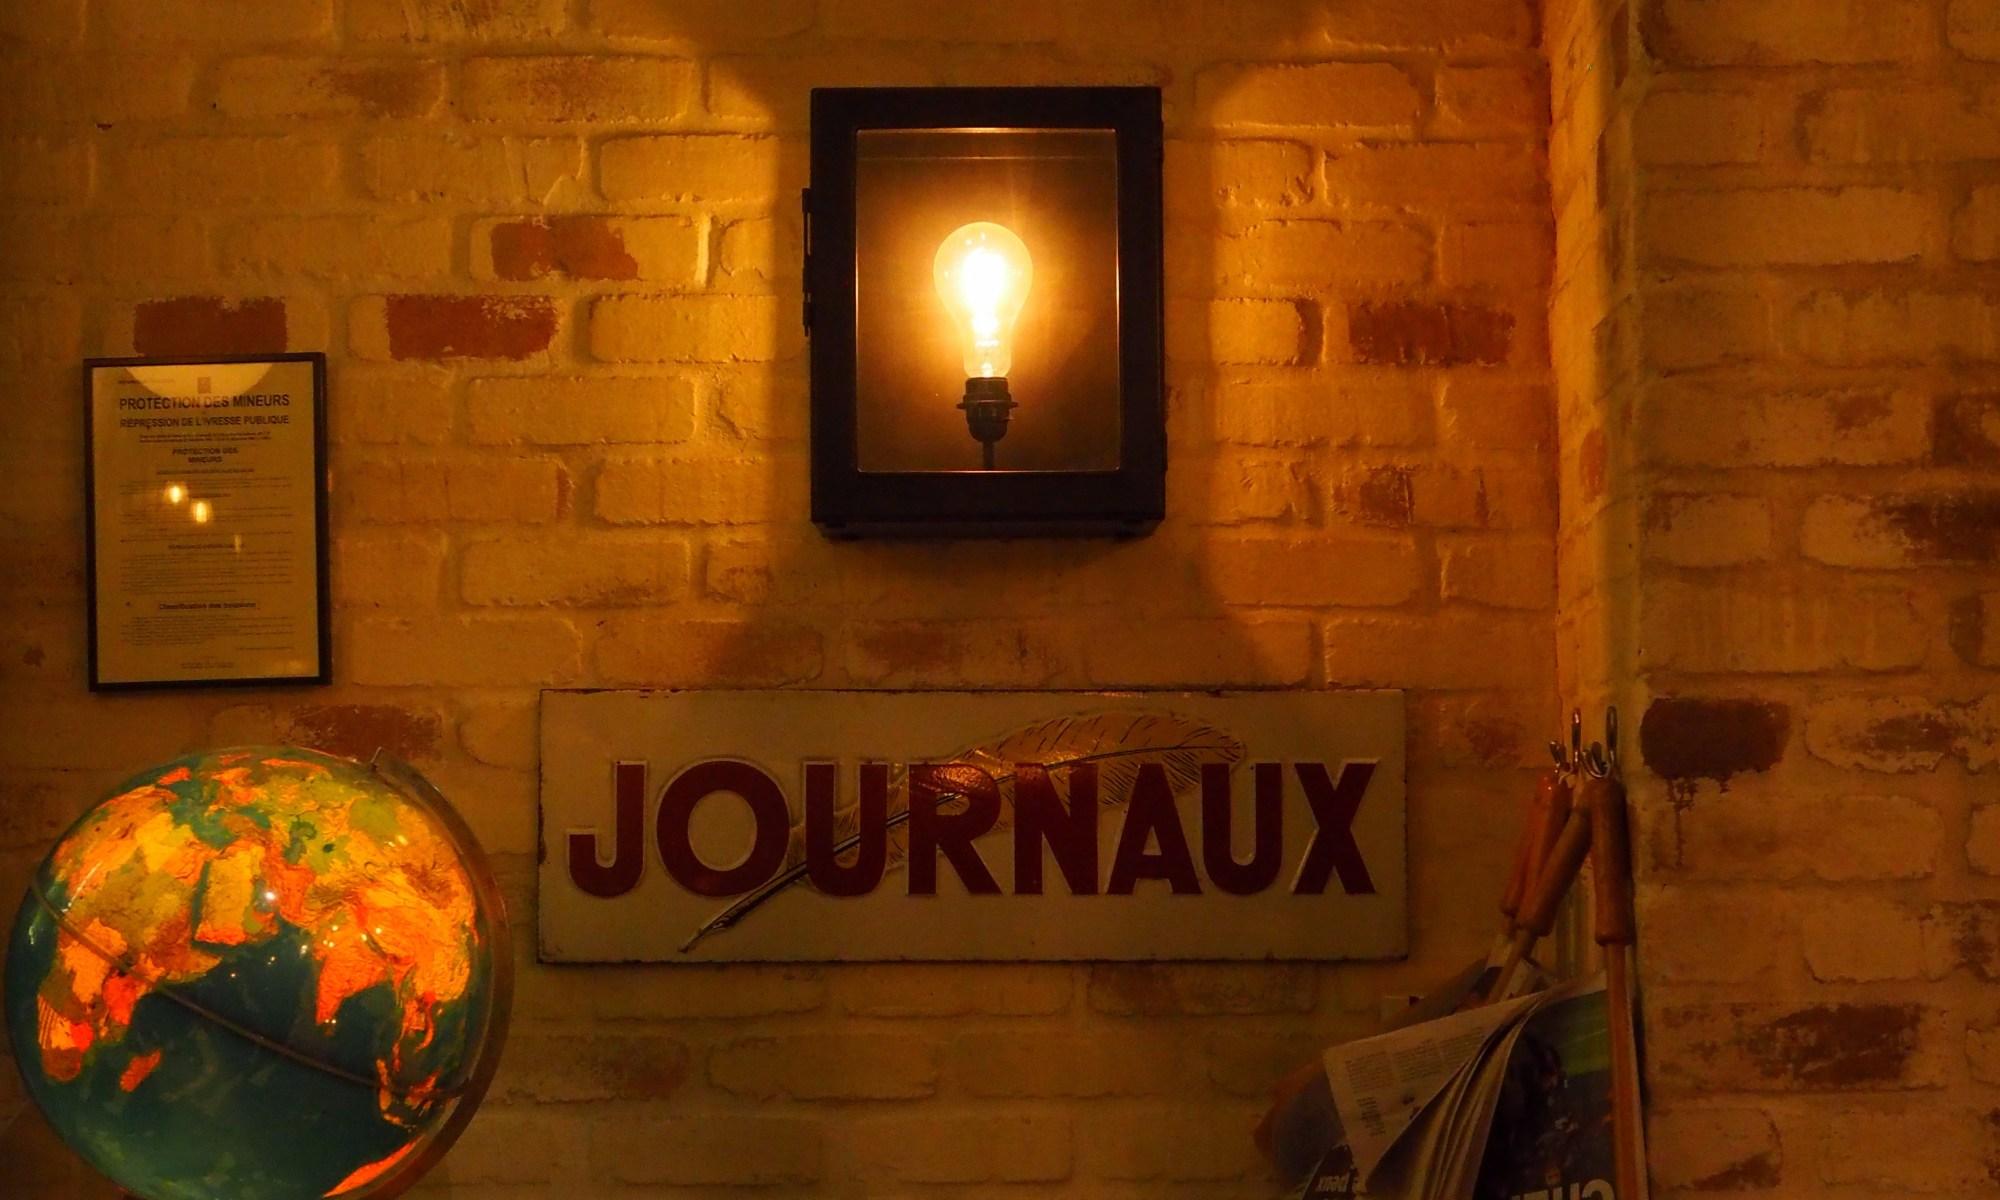 Journaux, salle de restaurant, La Place, Neuilly